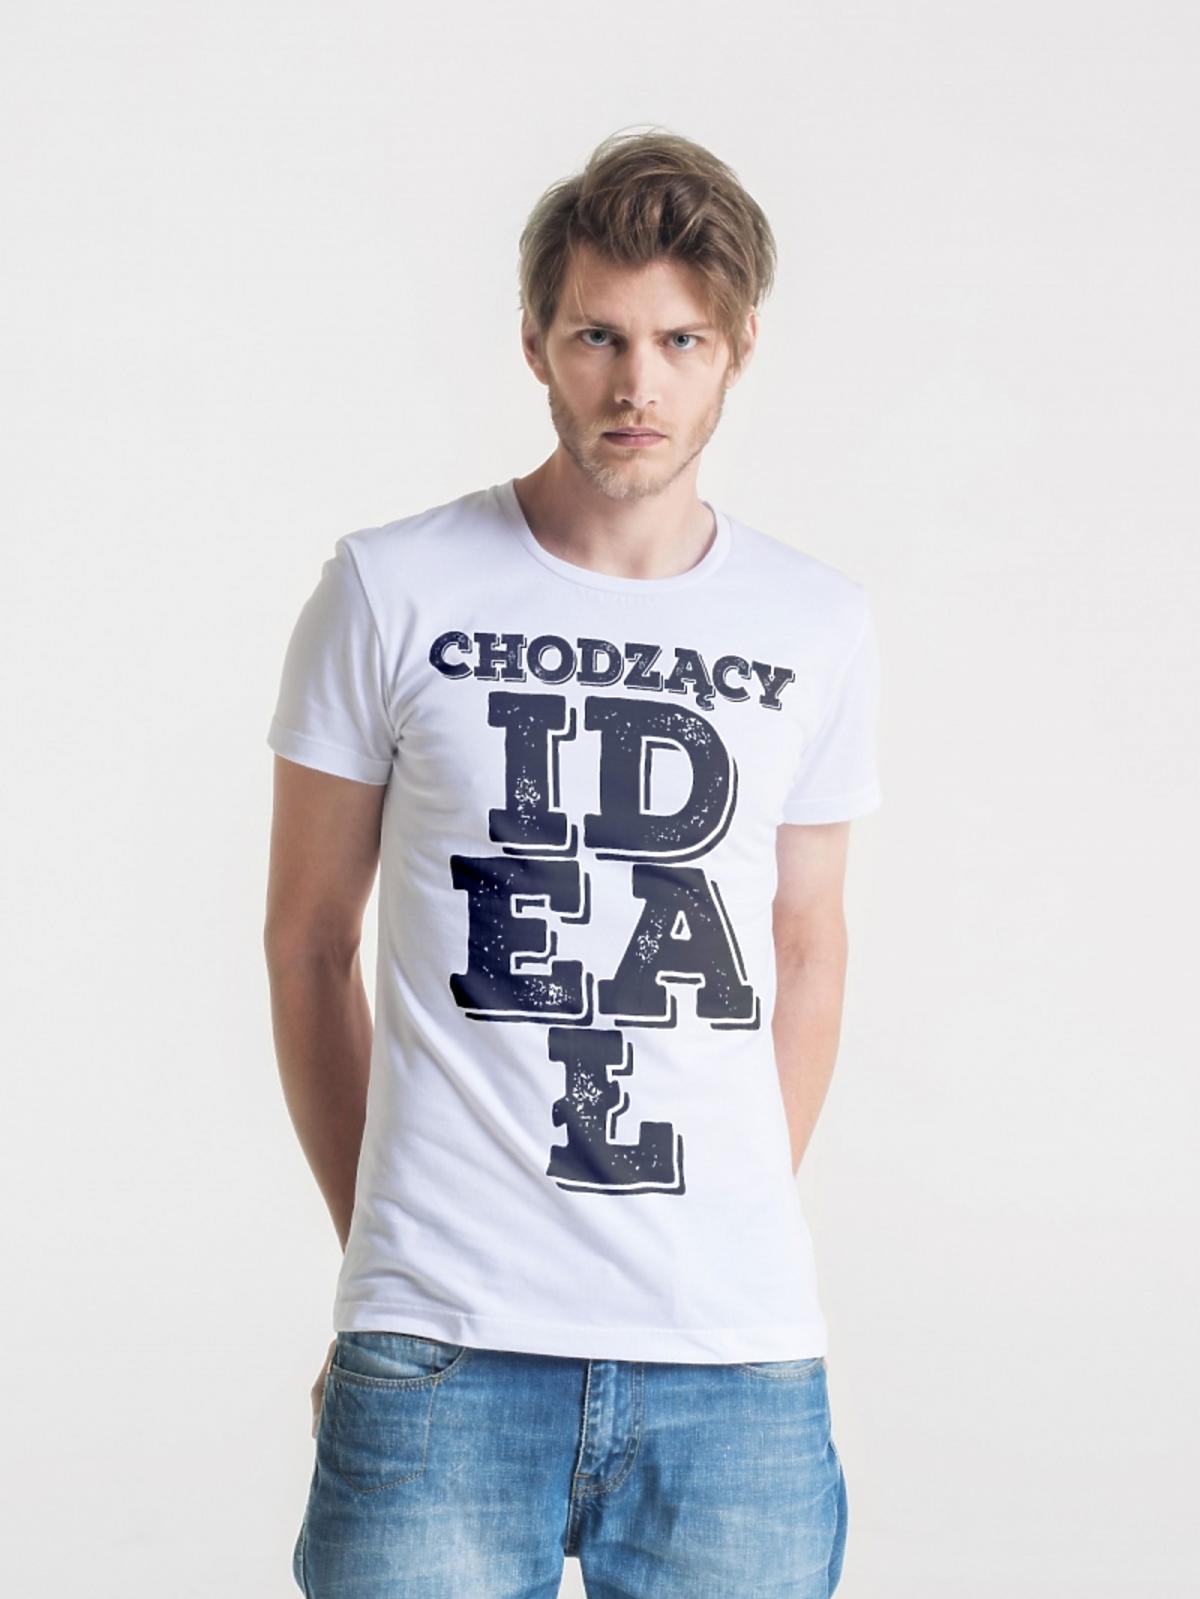 T-shirt CHODZĄCY IDEAŁ, Great As You/Pakamera.pl, 79 zł